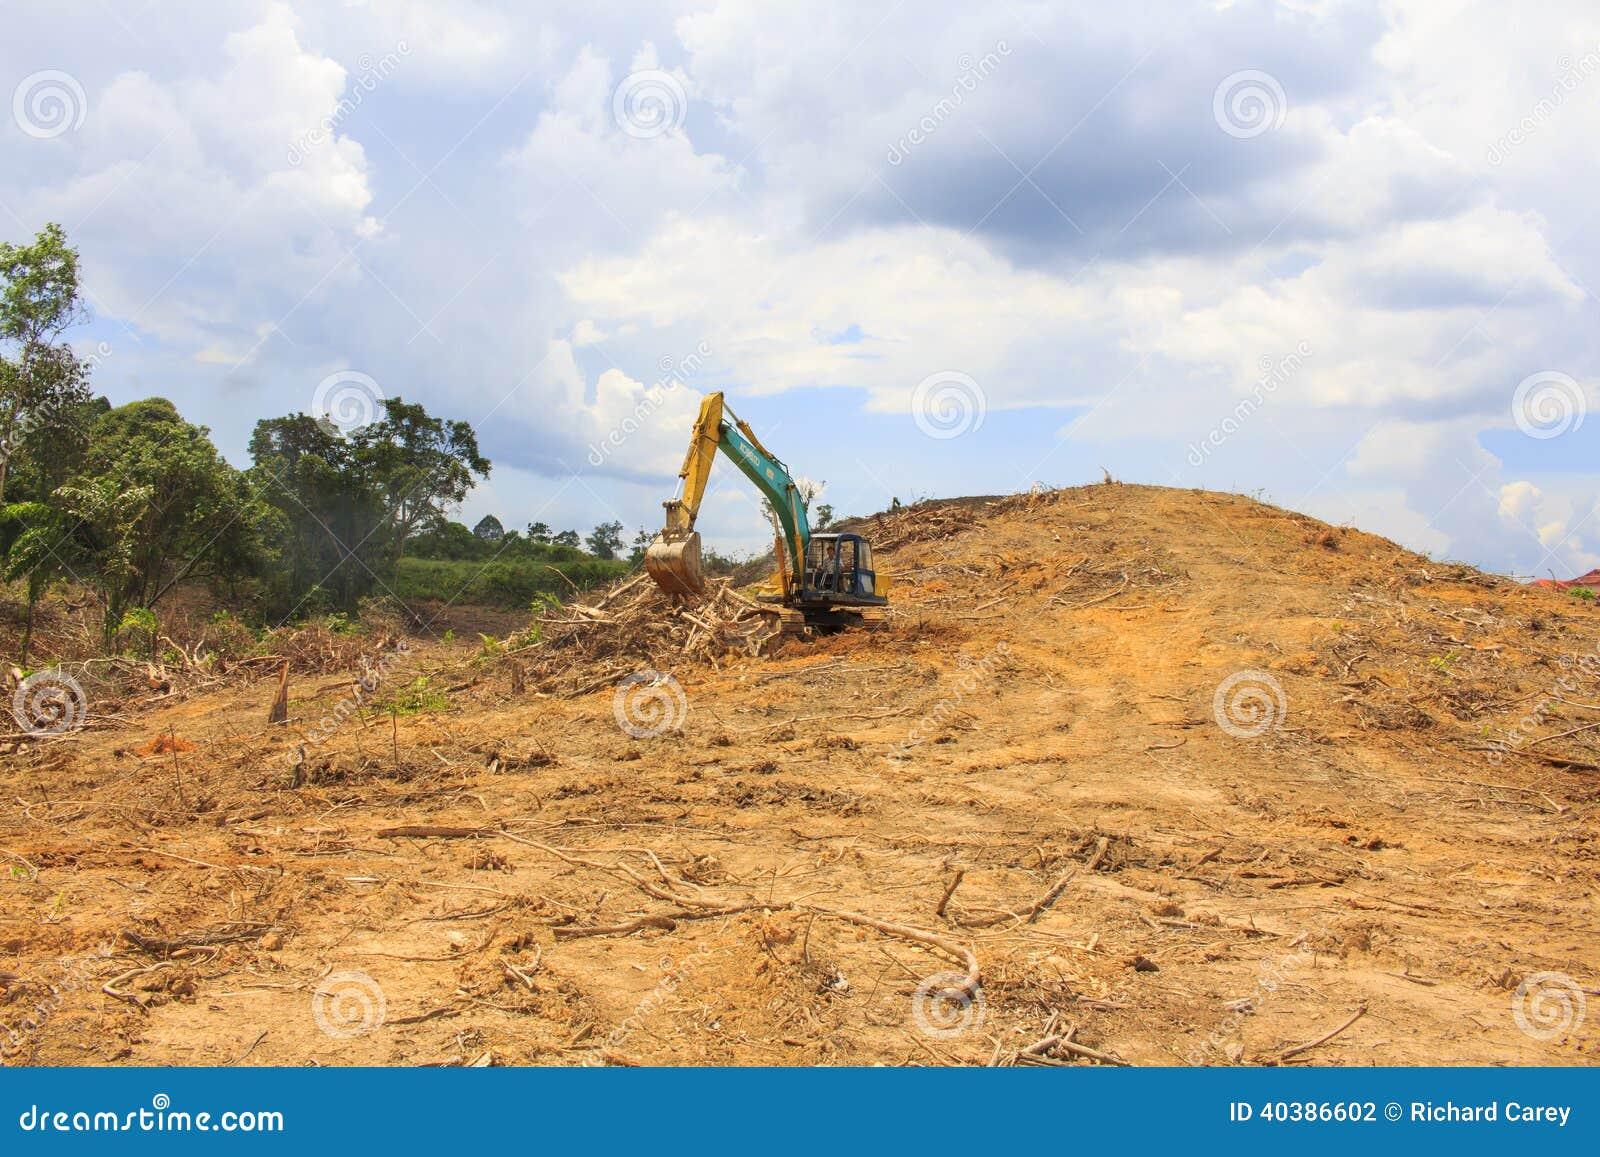 砍伐森林环境问题